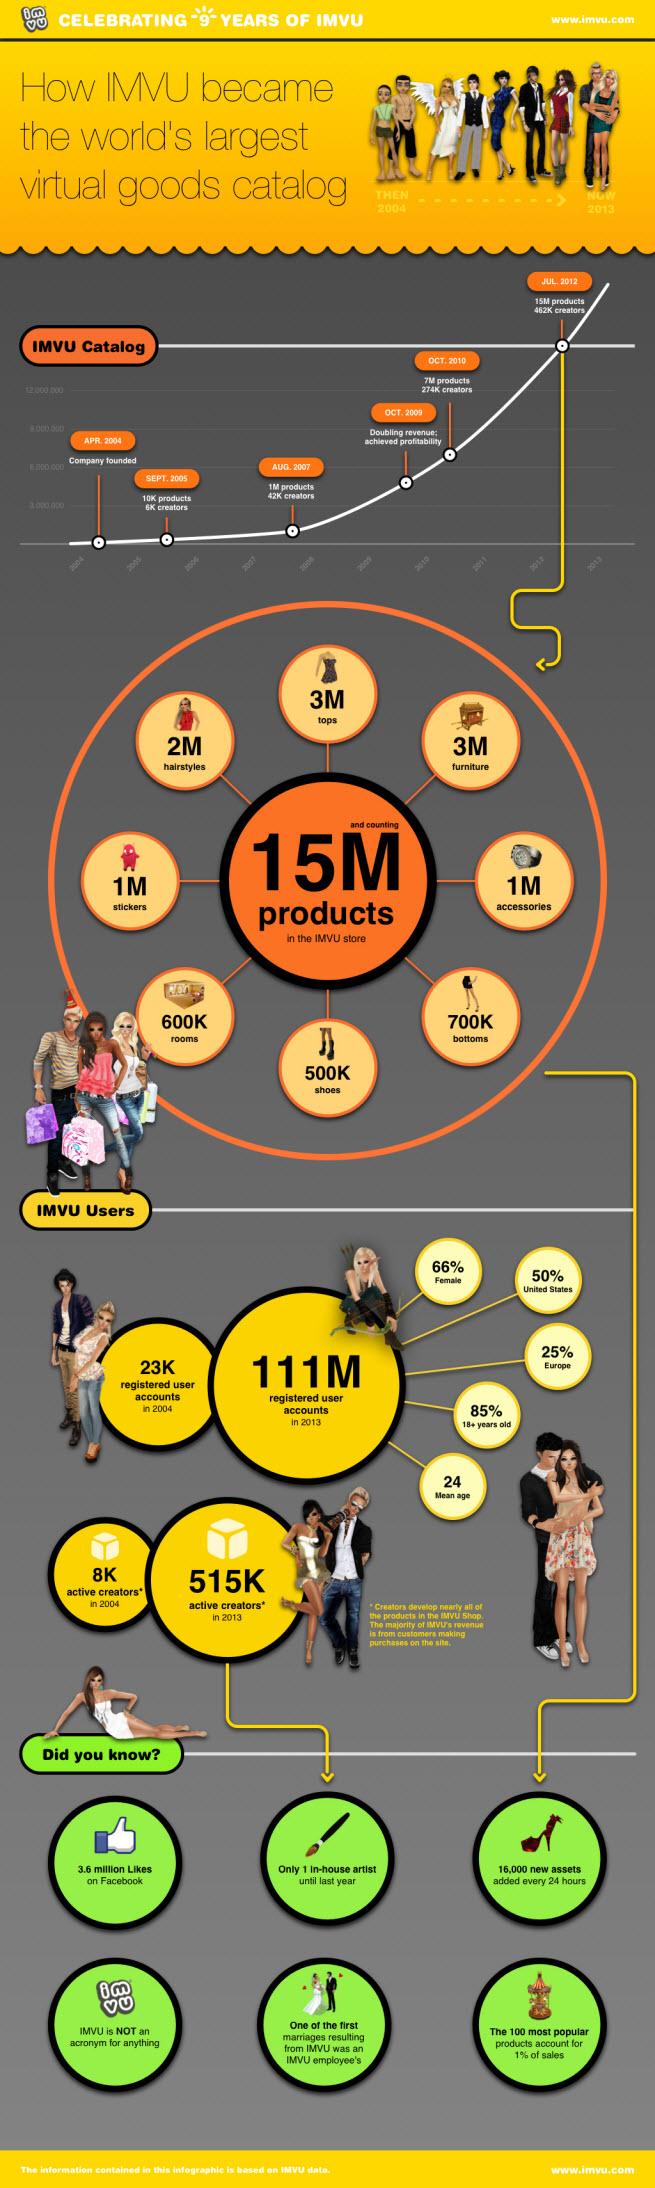 imvu infographic